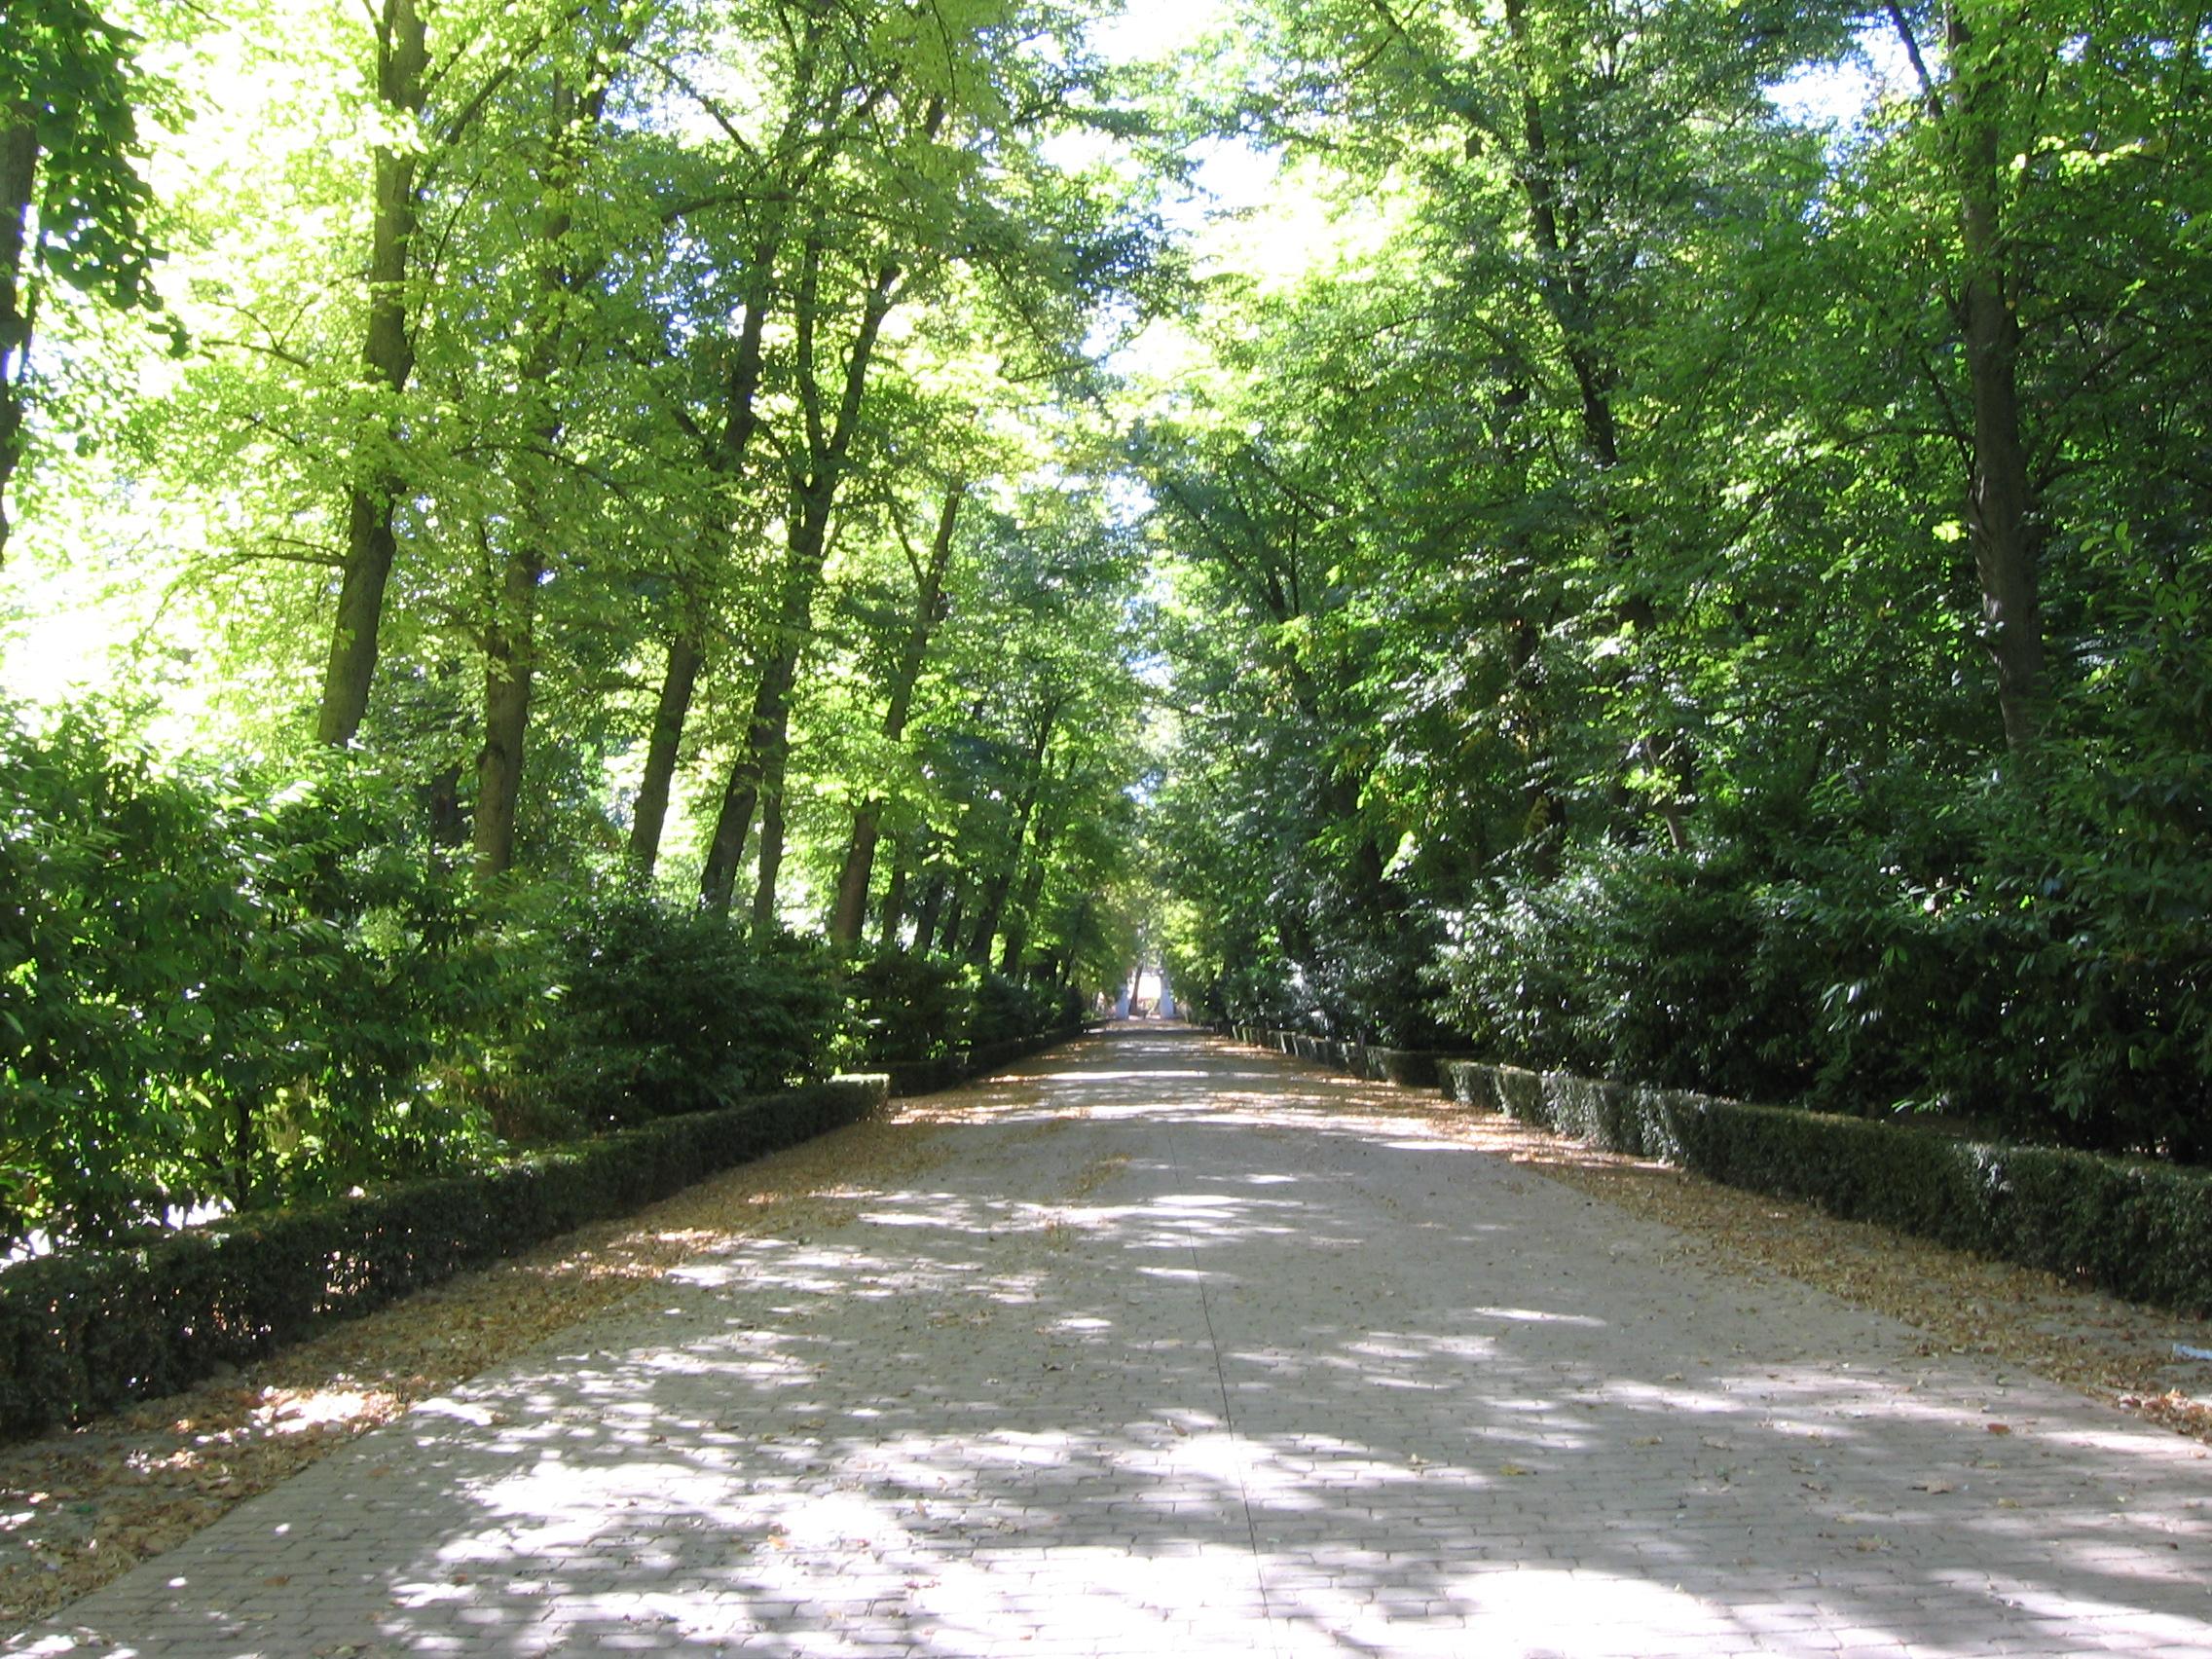 File aranjuez jardin principe calle wikimedia commons - Jardin del principe aranjuez ...